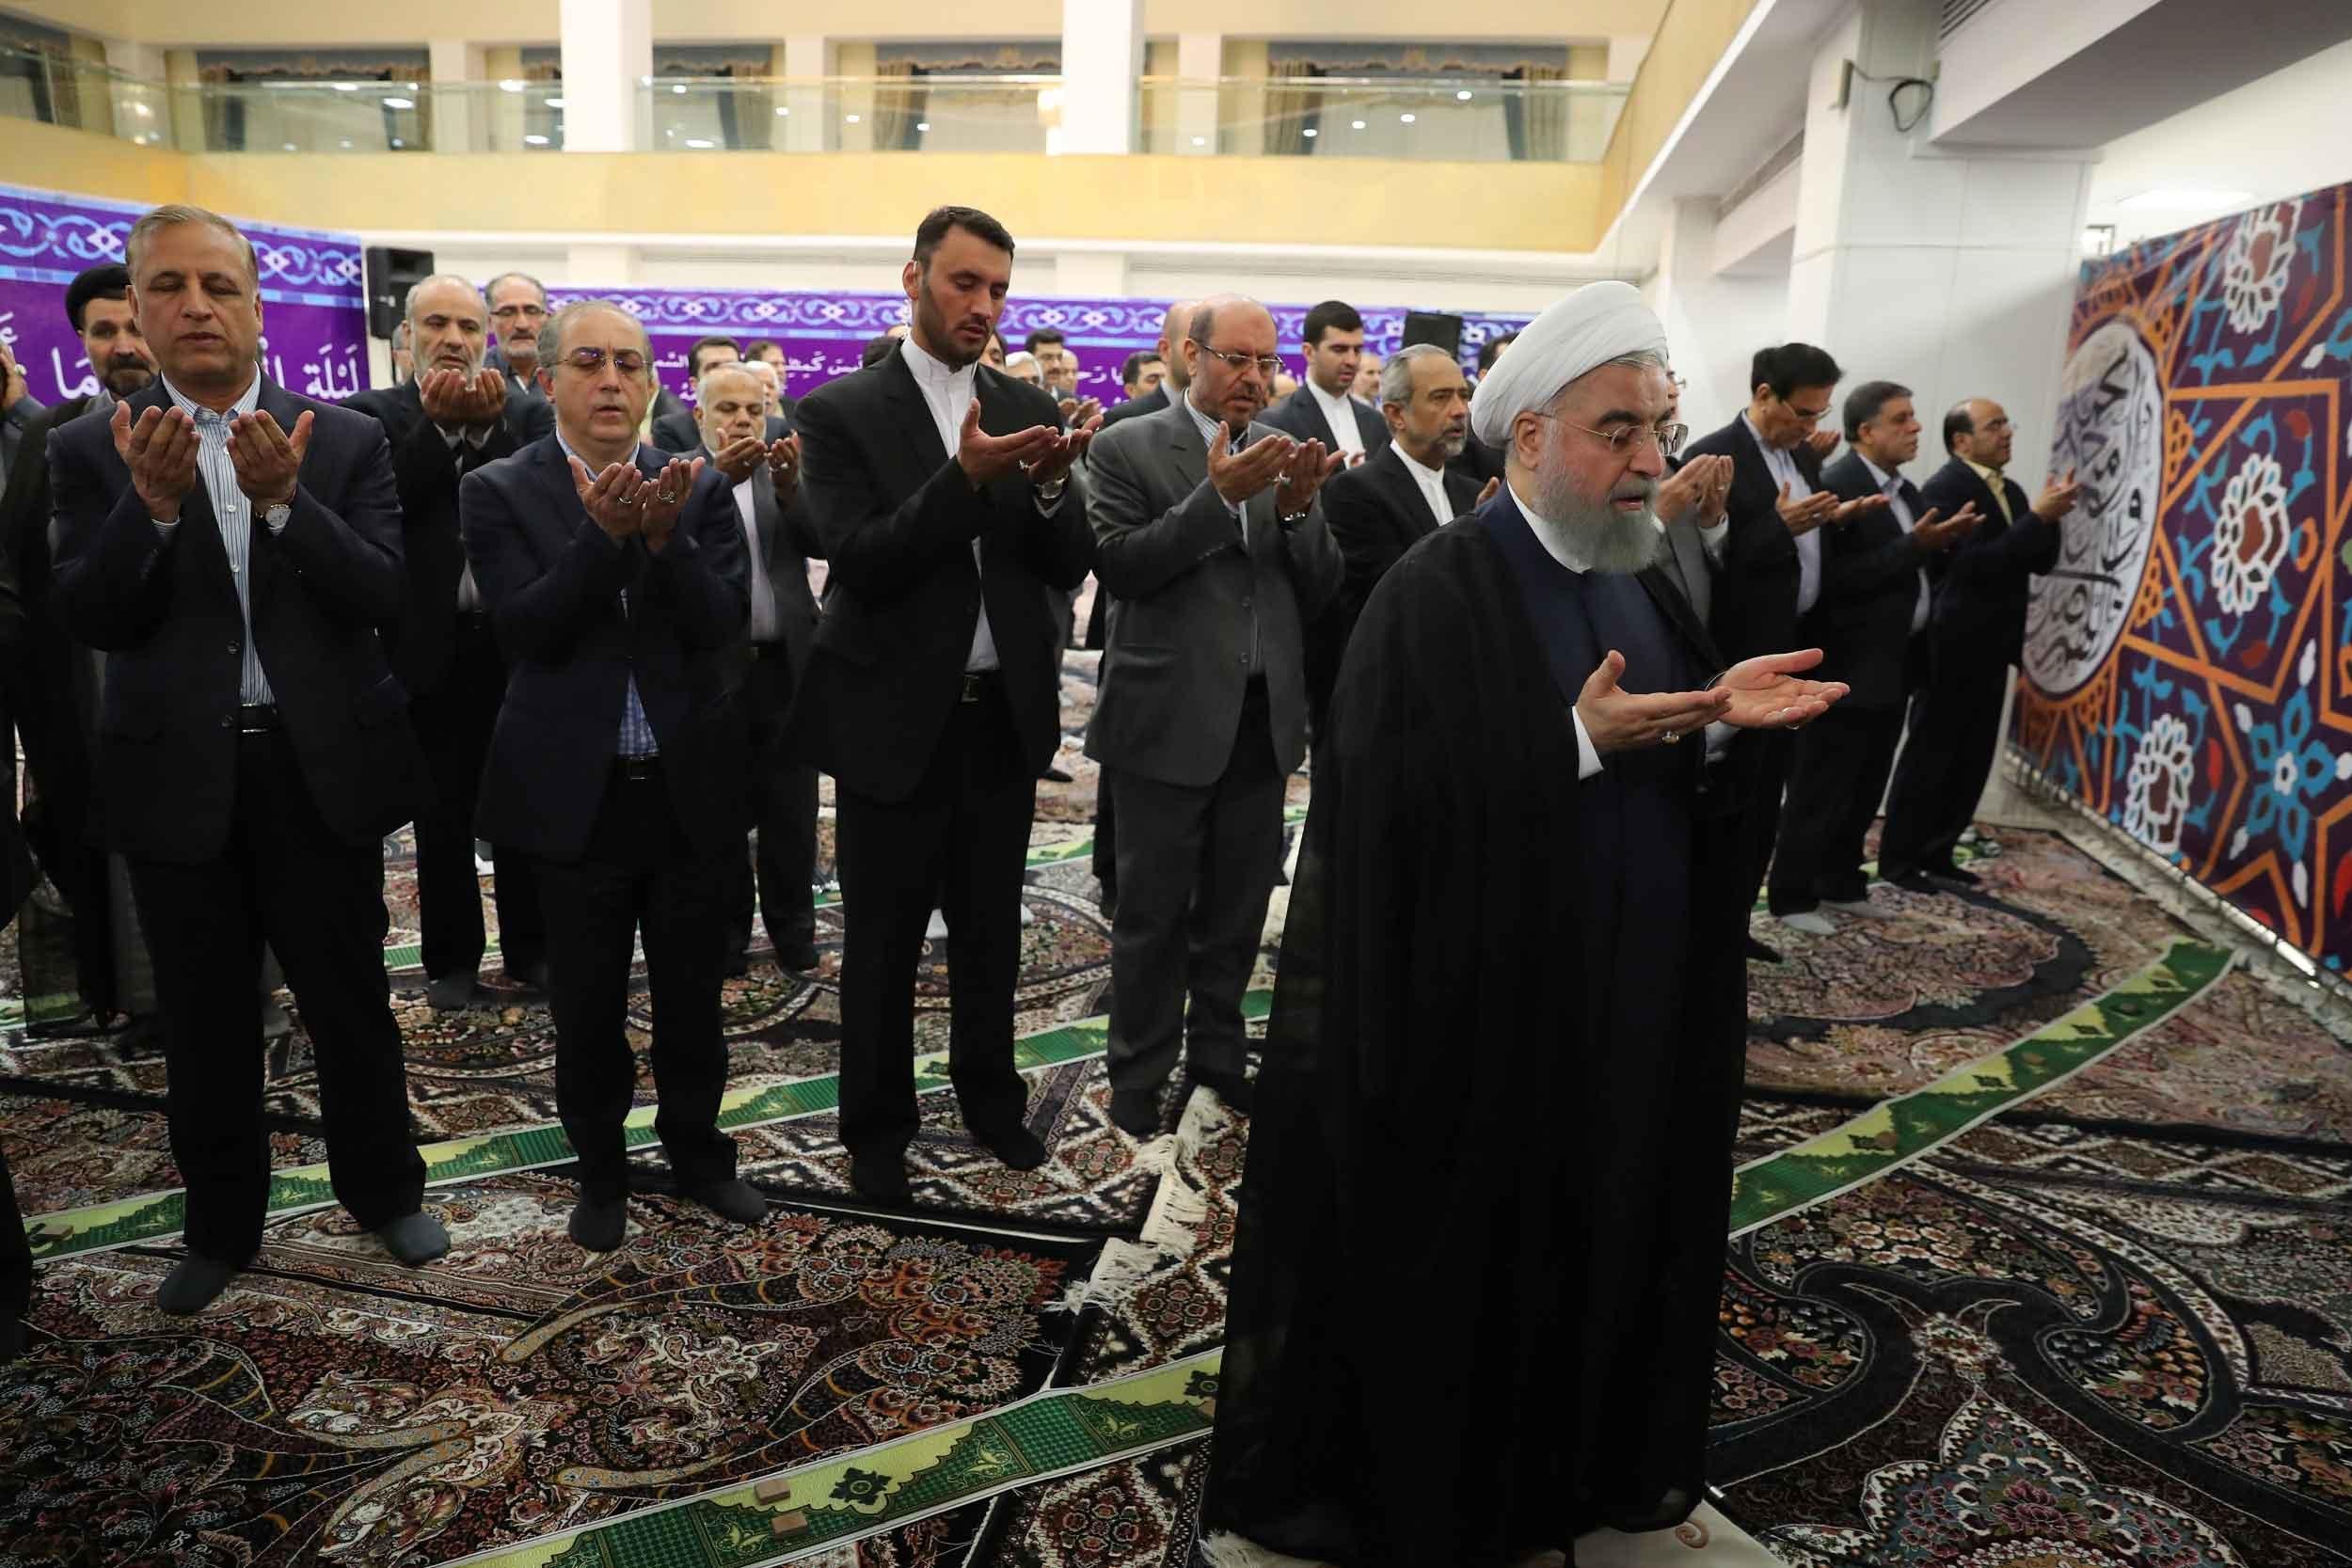 تصاویر | ضیافت افطار رئیسجمهور با خانواده شهدا